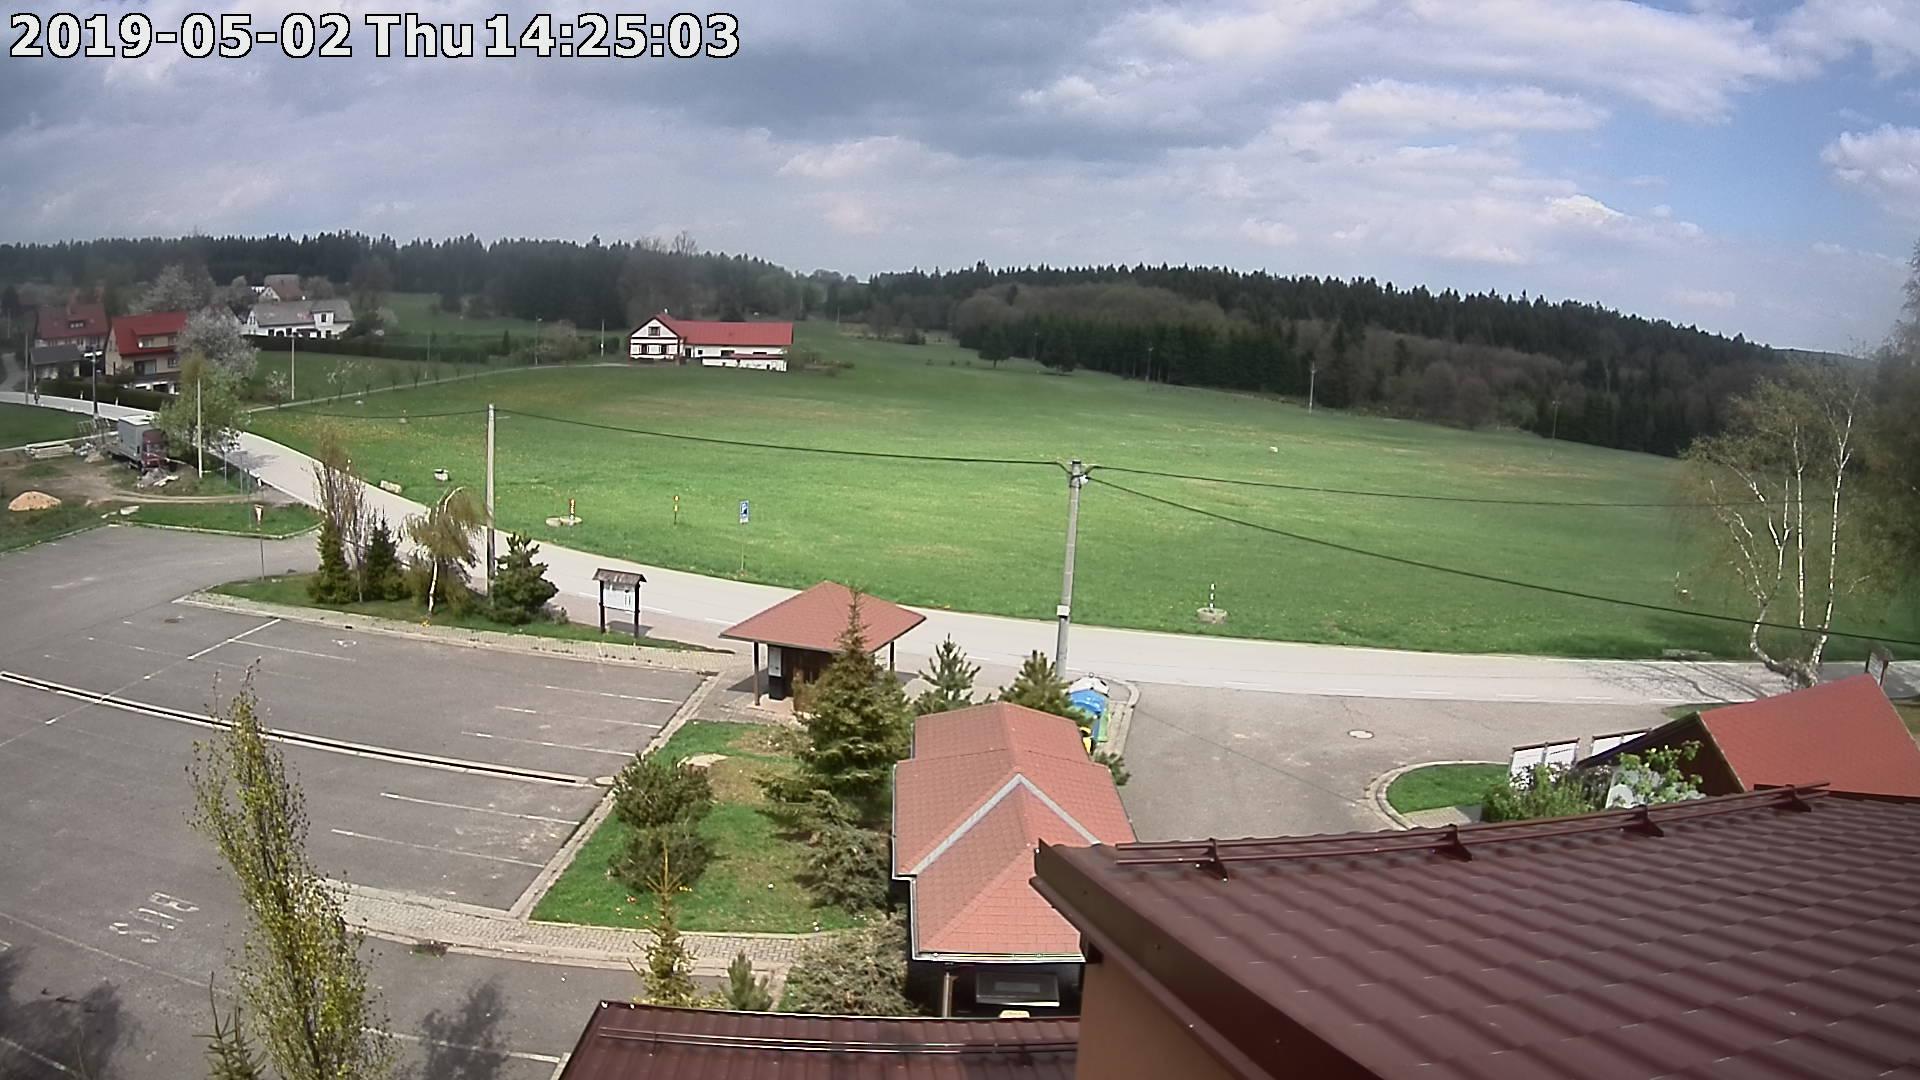 Webkamera ze dne 2019-05-02